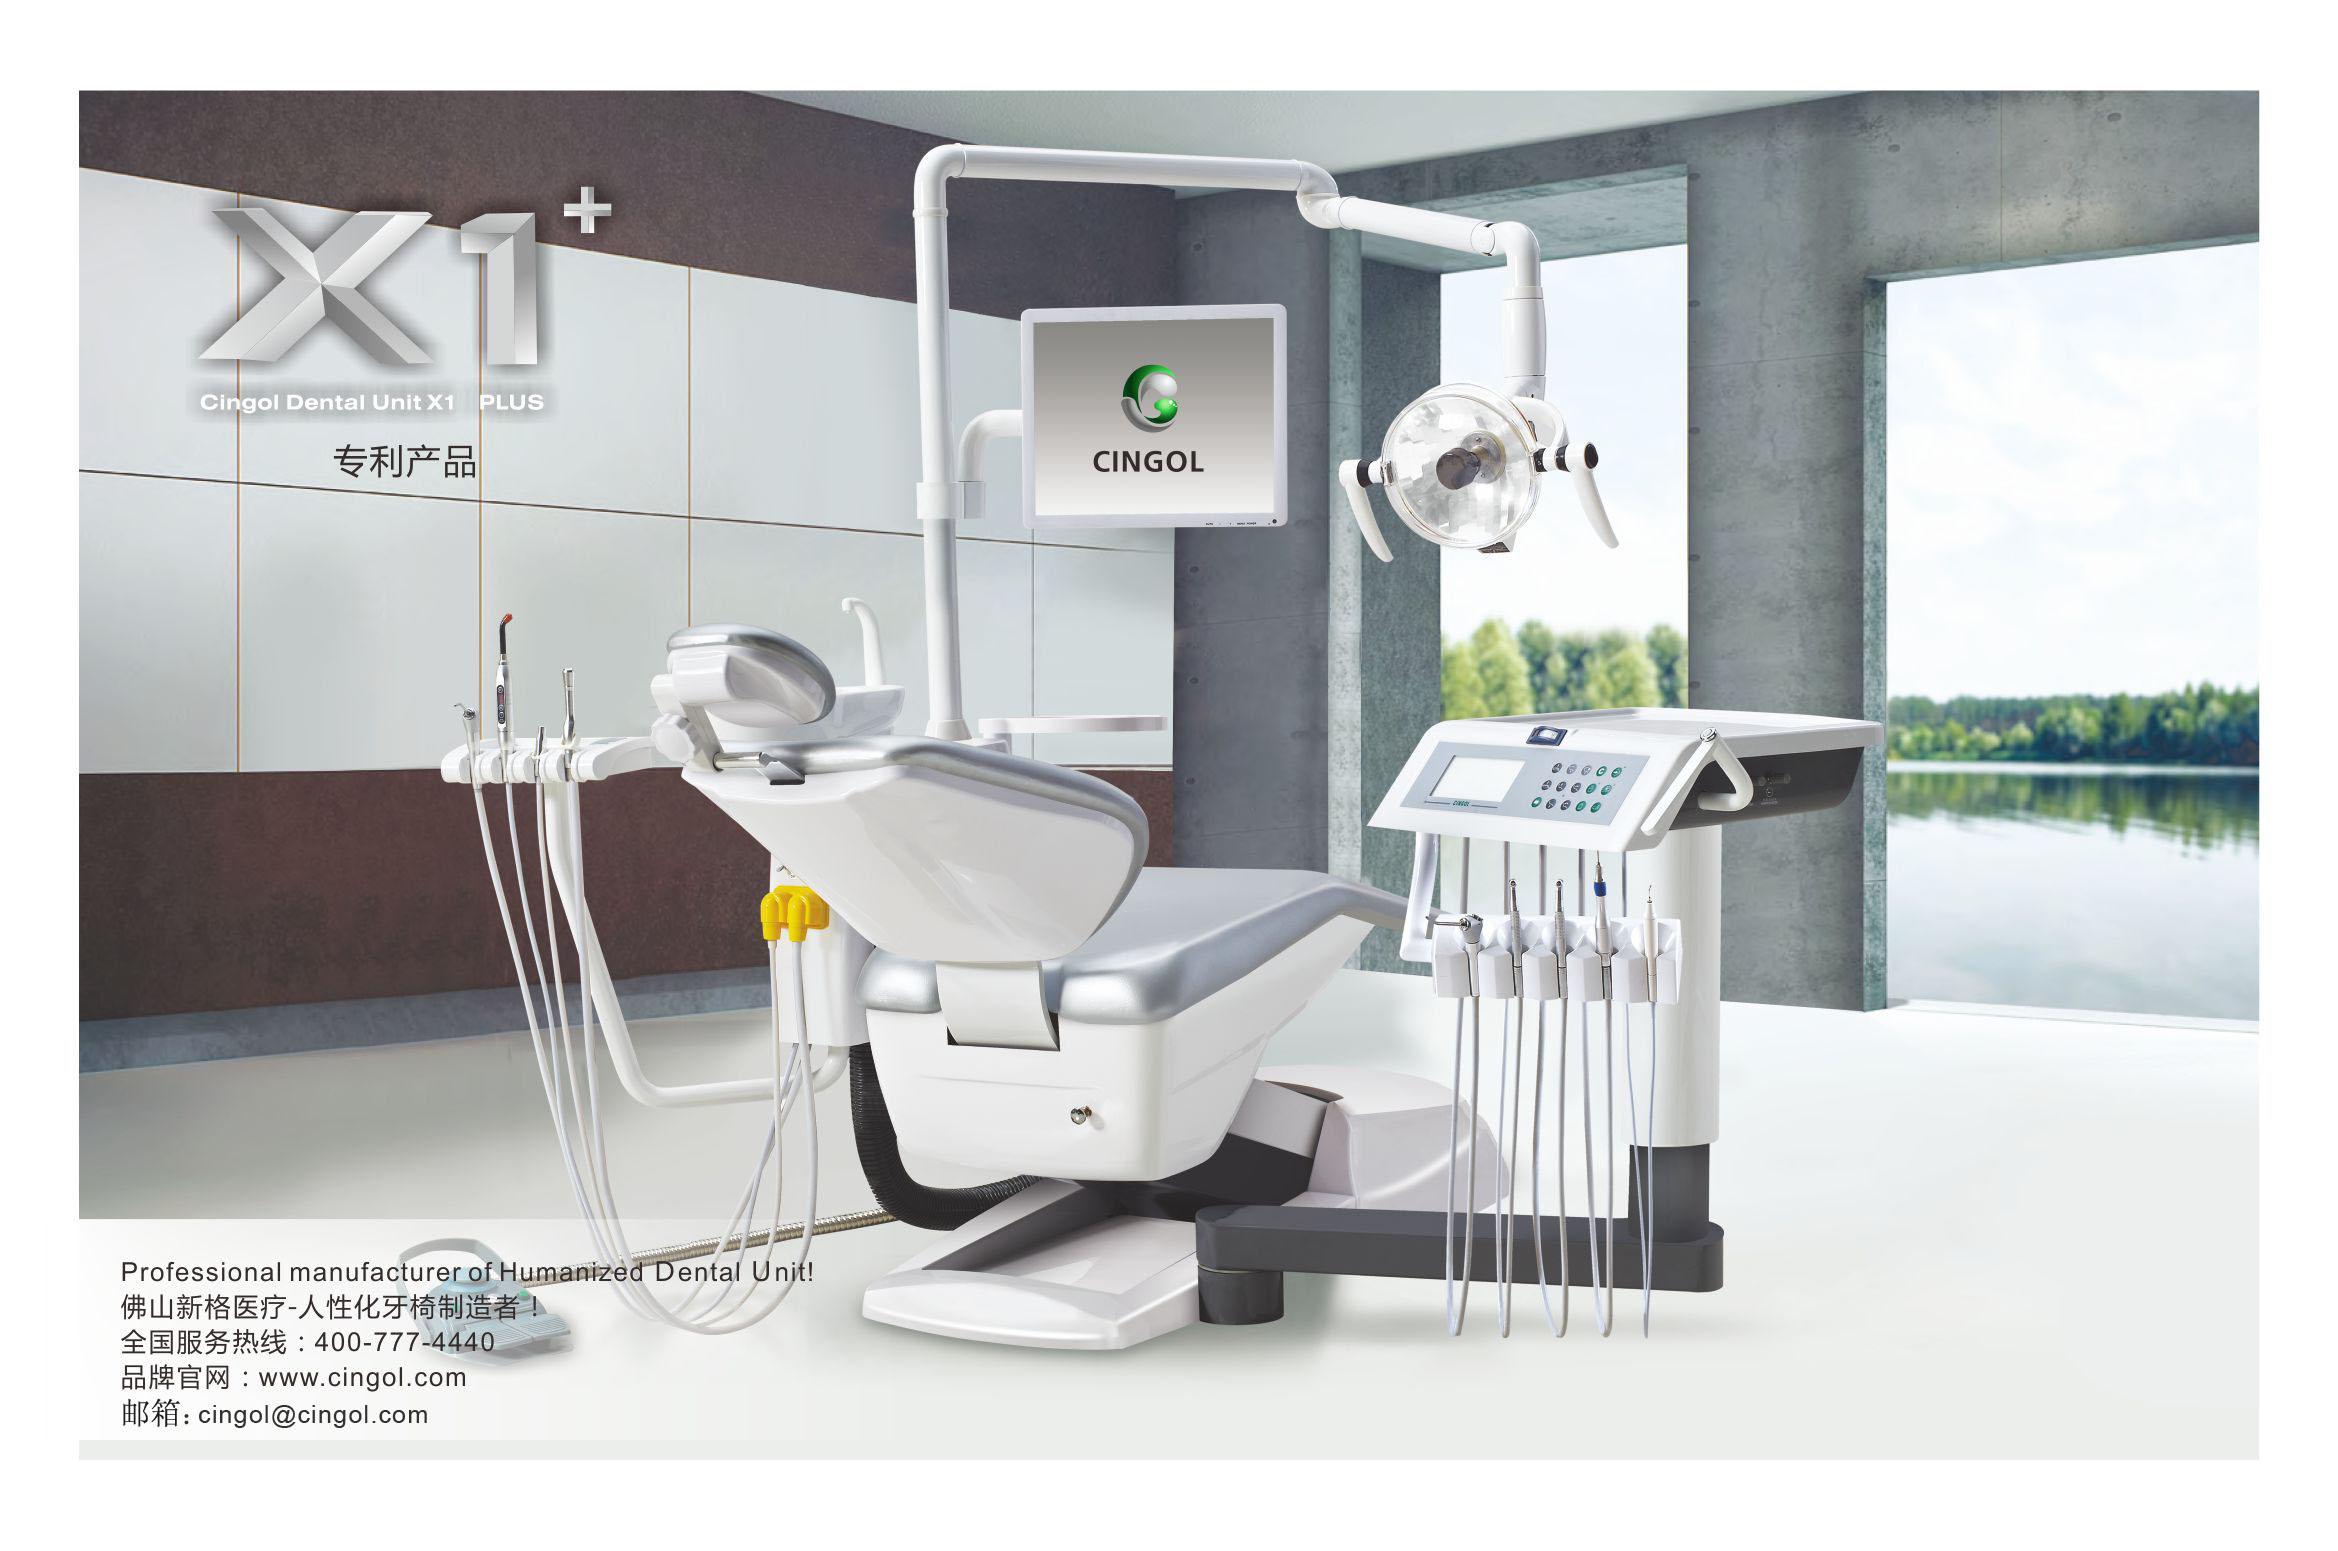 供应高州新格口腔综合治疗椅台X1+、新格医疗口腔综合治疗台品牌、牙科综合治疗床性价比